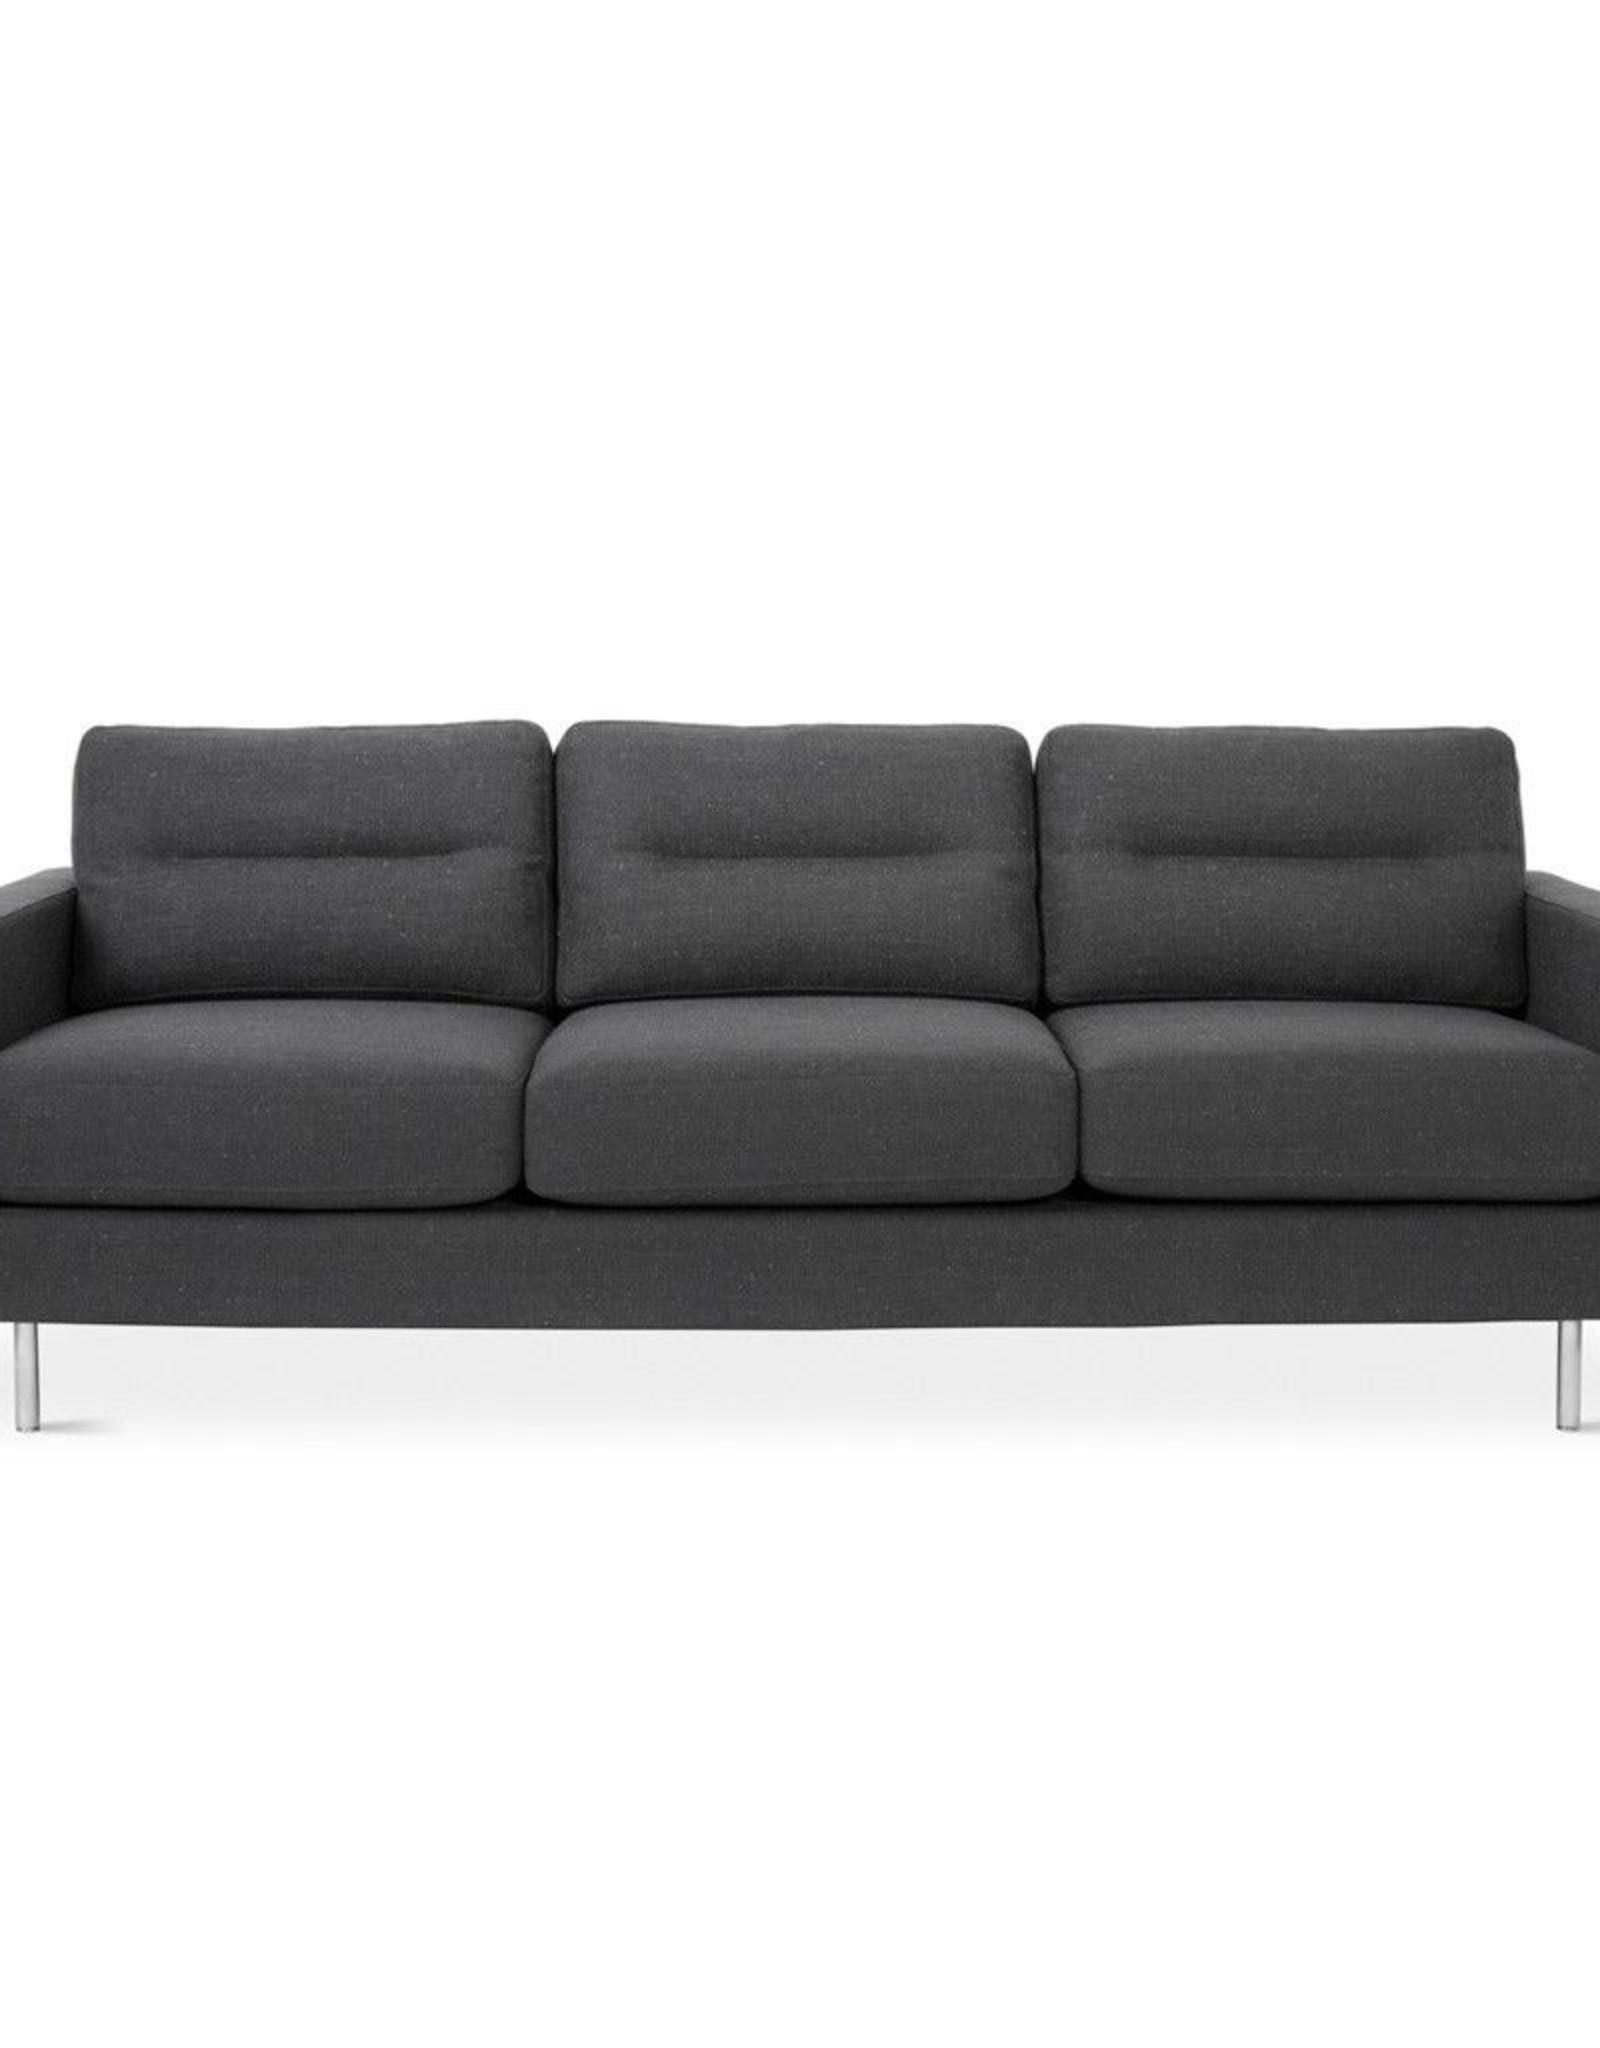 Gus* Modern Logan Sofa